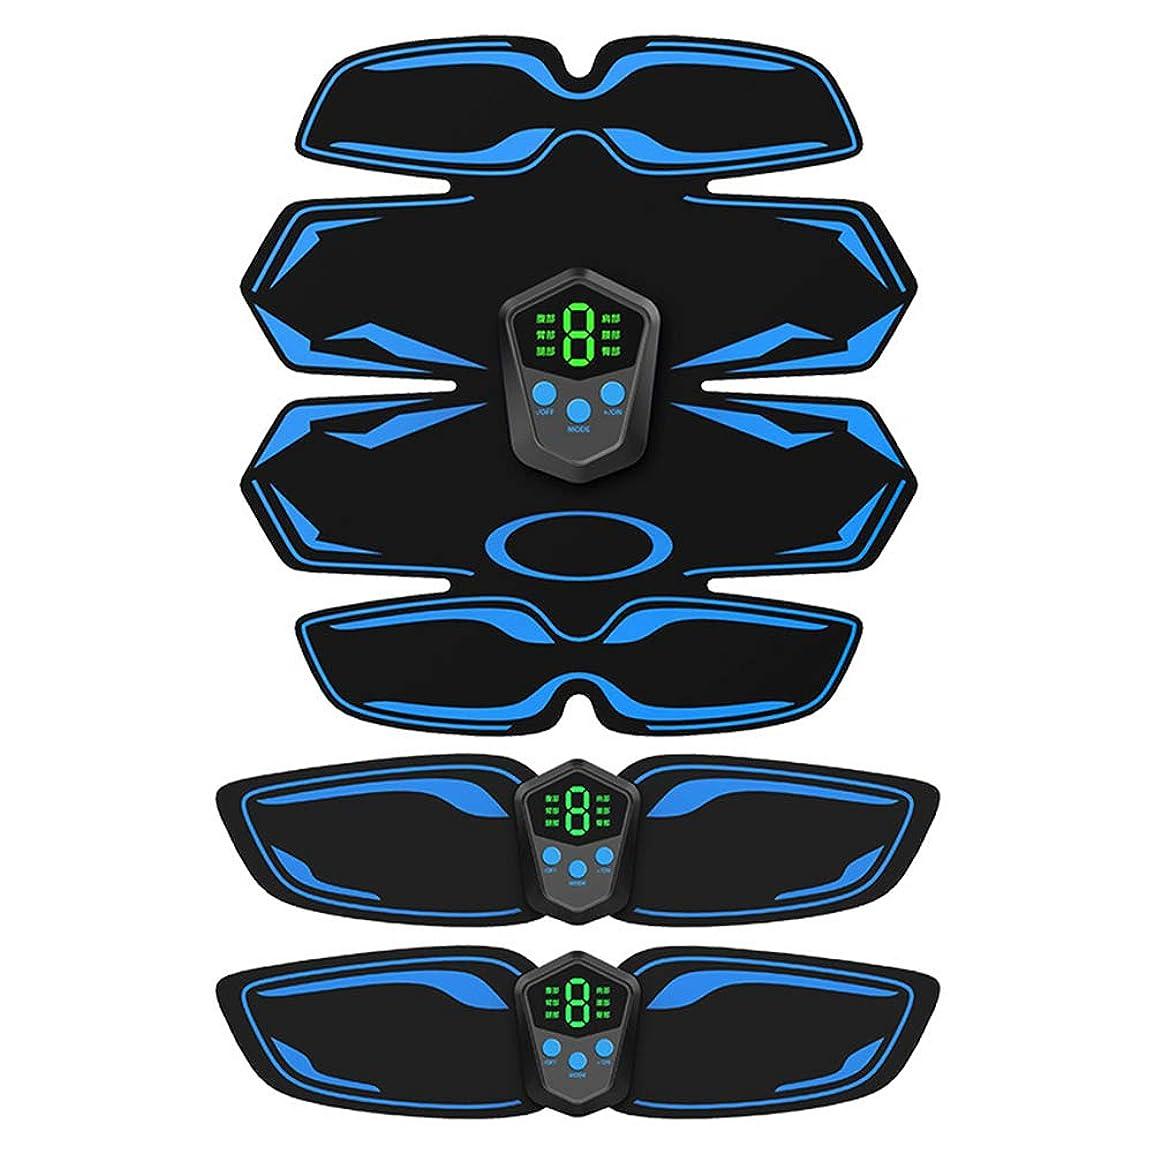 想像力苦行プレミアム充電フィットネス機器腹部マッサージ刺激スマートフィットネス電気減量ステッカー体重減少ベルト